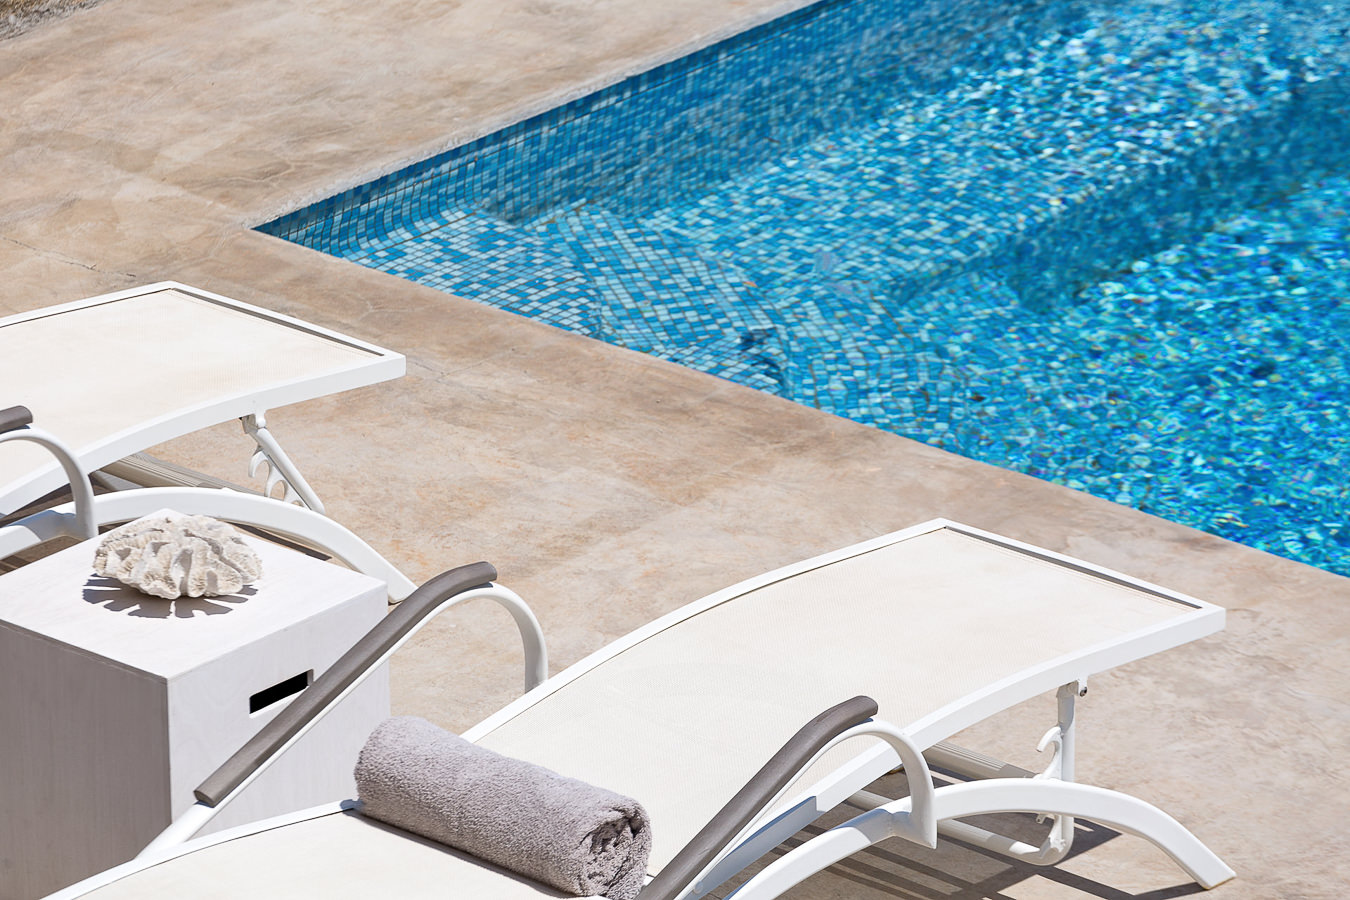 PANORMOS VILLAS, MYKONOS, Γιώργος Φάκαρος - Αρχιτεκτονική Φωτογραφία | Εσωτερικοί Χώροι | Φωτογραφία Ξενοδοχειών - Photography / Φωτογραφία